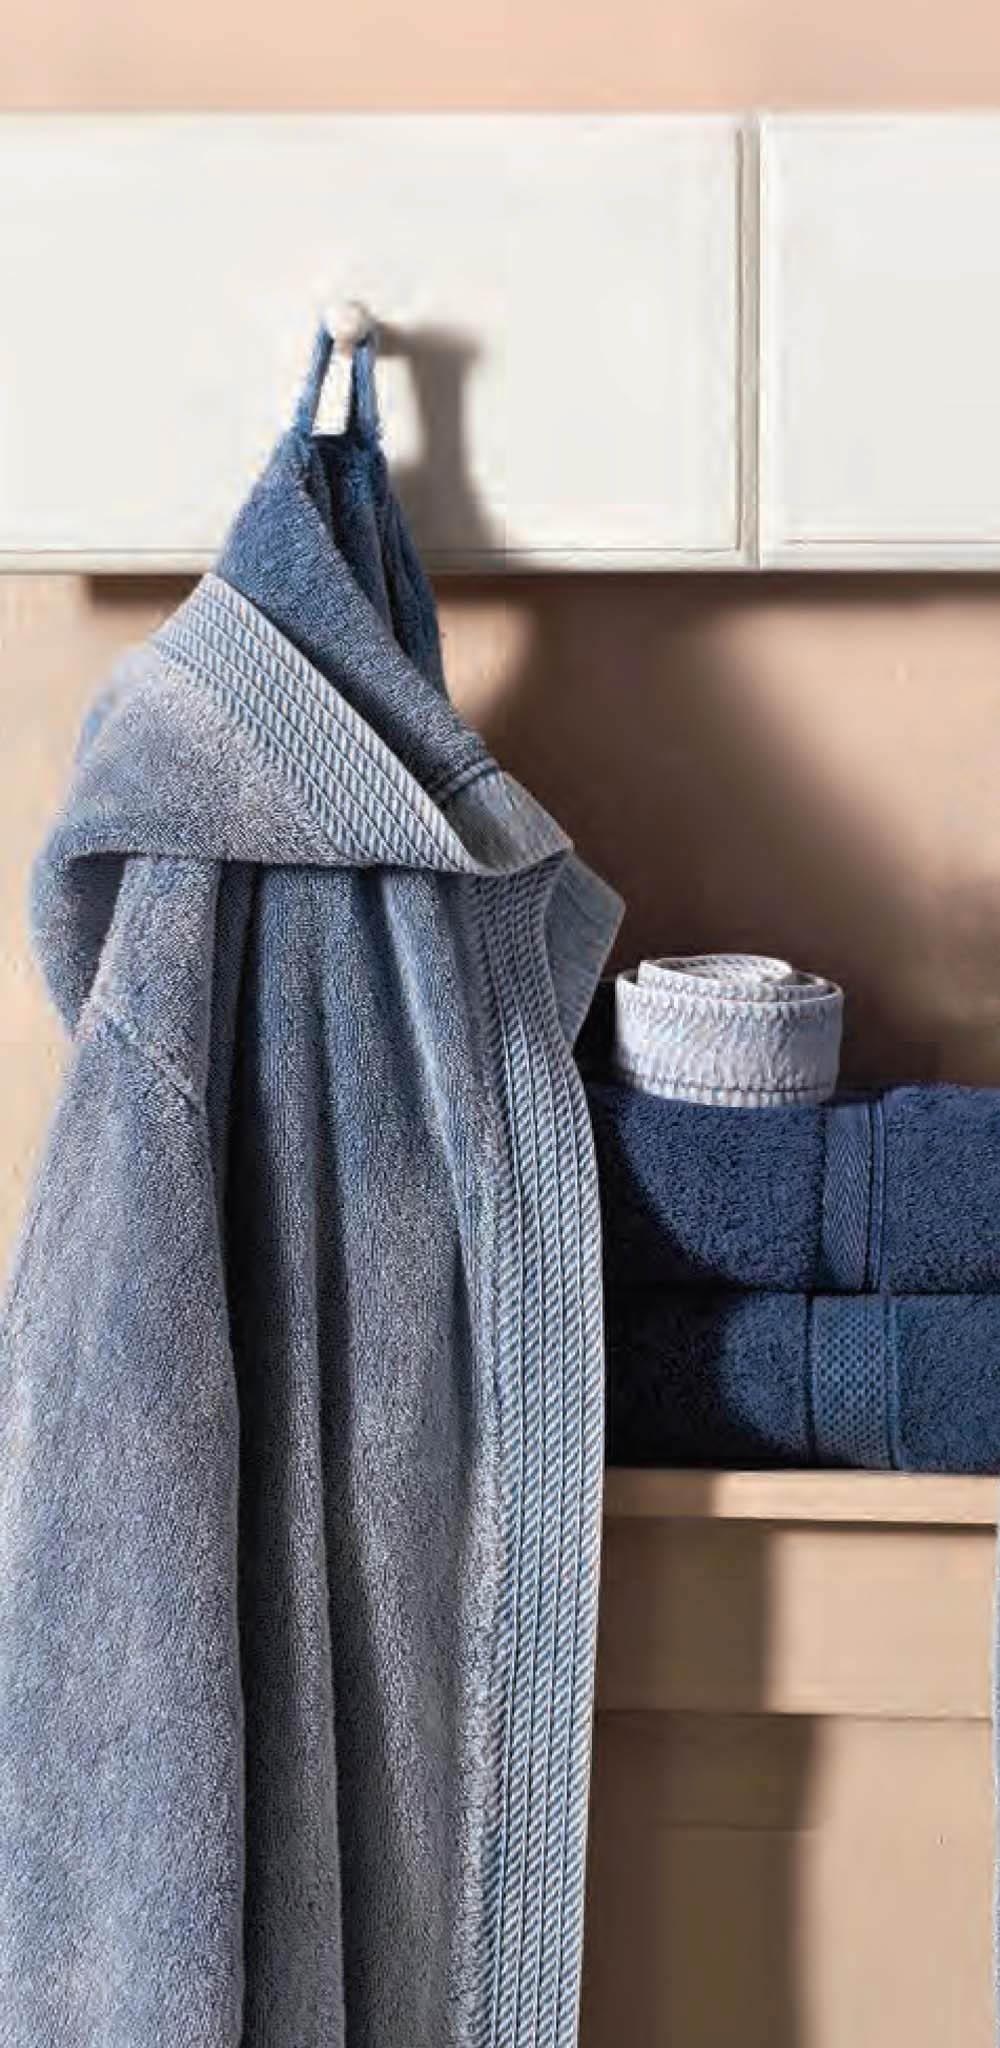 Сауны, бани и оборудование Primavelle Халат Jeans Цвет: Джинса (L-xL) сауны бани и оборудование valentini набор для сауны fantasy